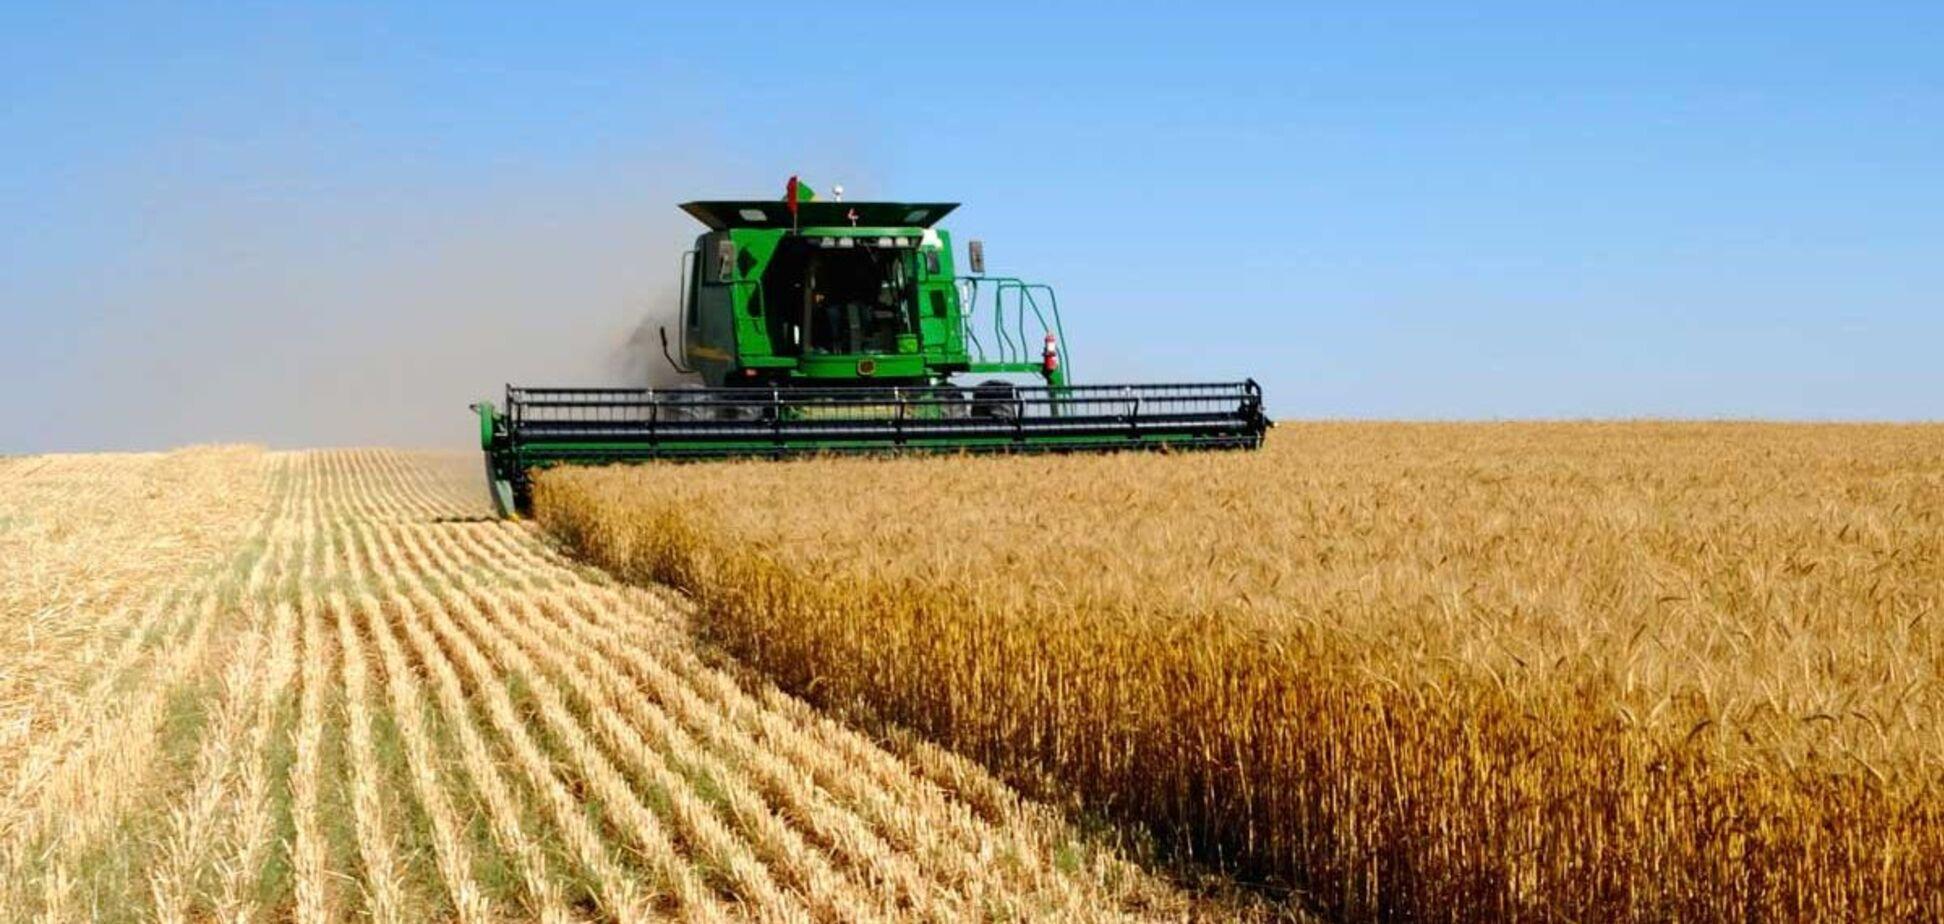 Зниженням ПДВ для аграріїв влада консервує сировинну модель економікиі порушує зобов'язання перед МВФ, – економіст